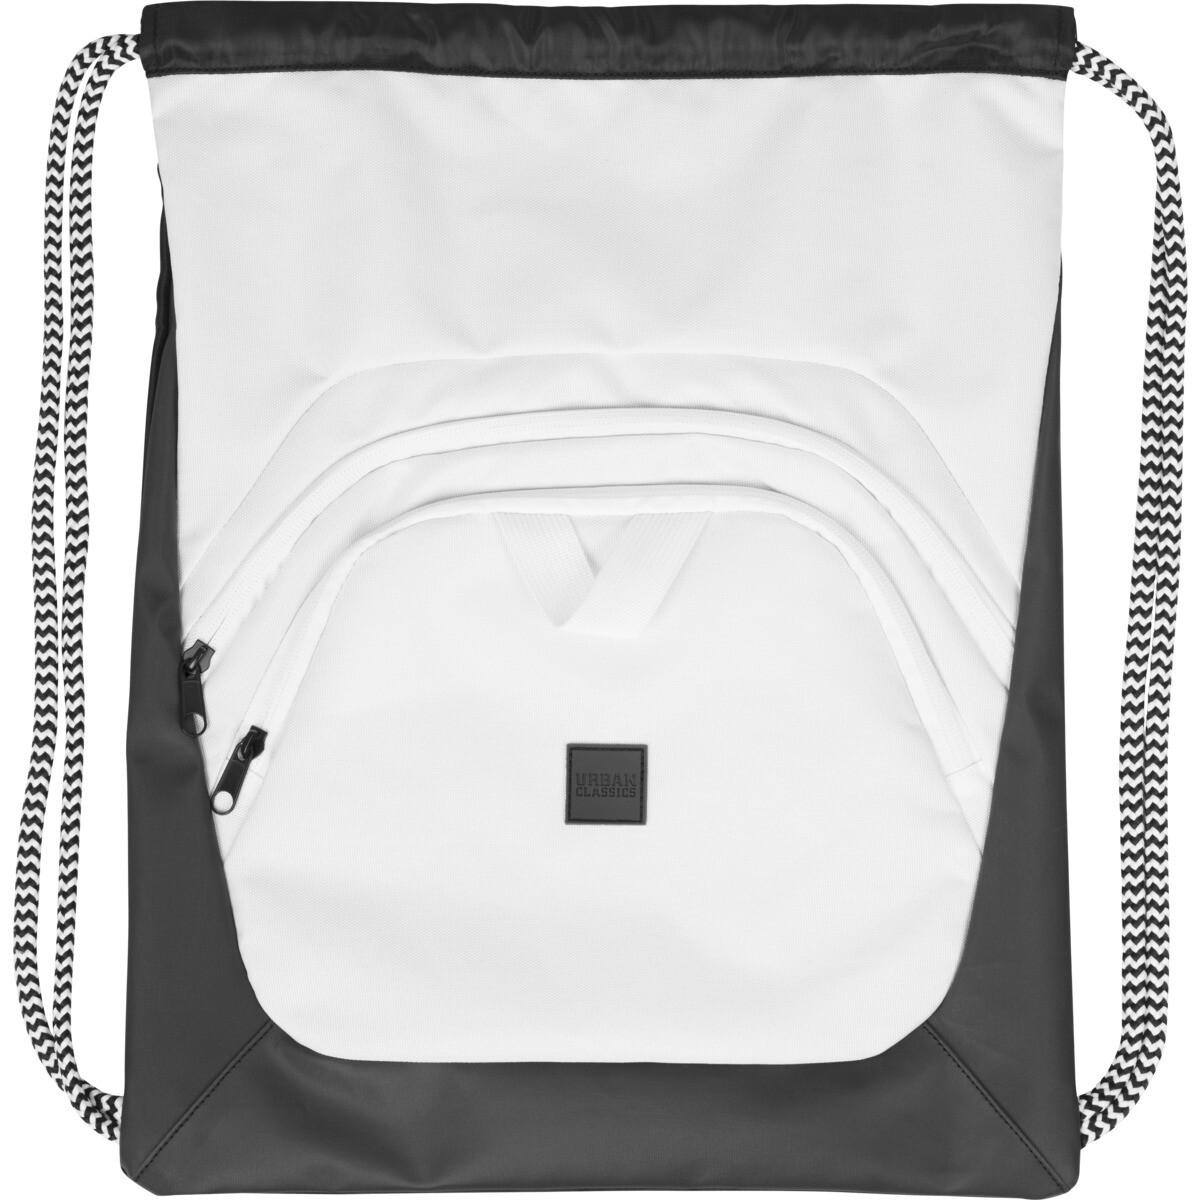 Ball Gym Bag - Weiss